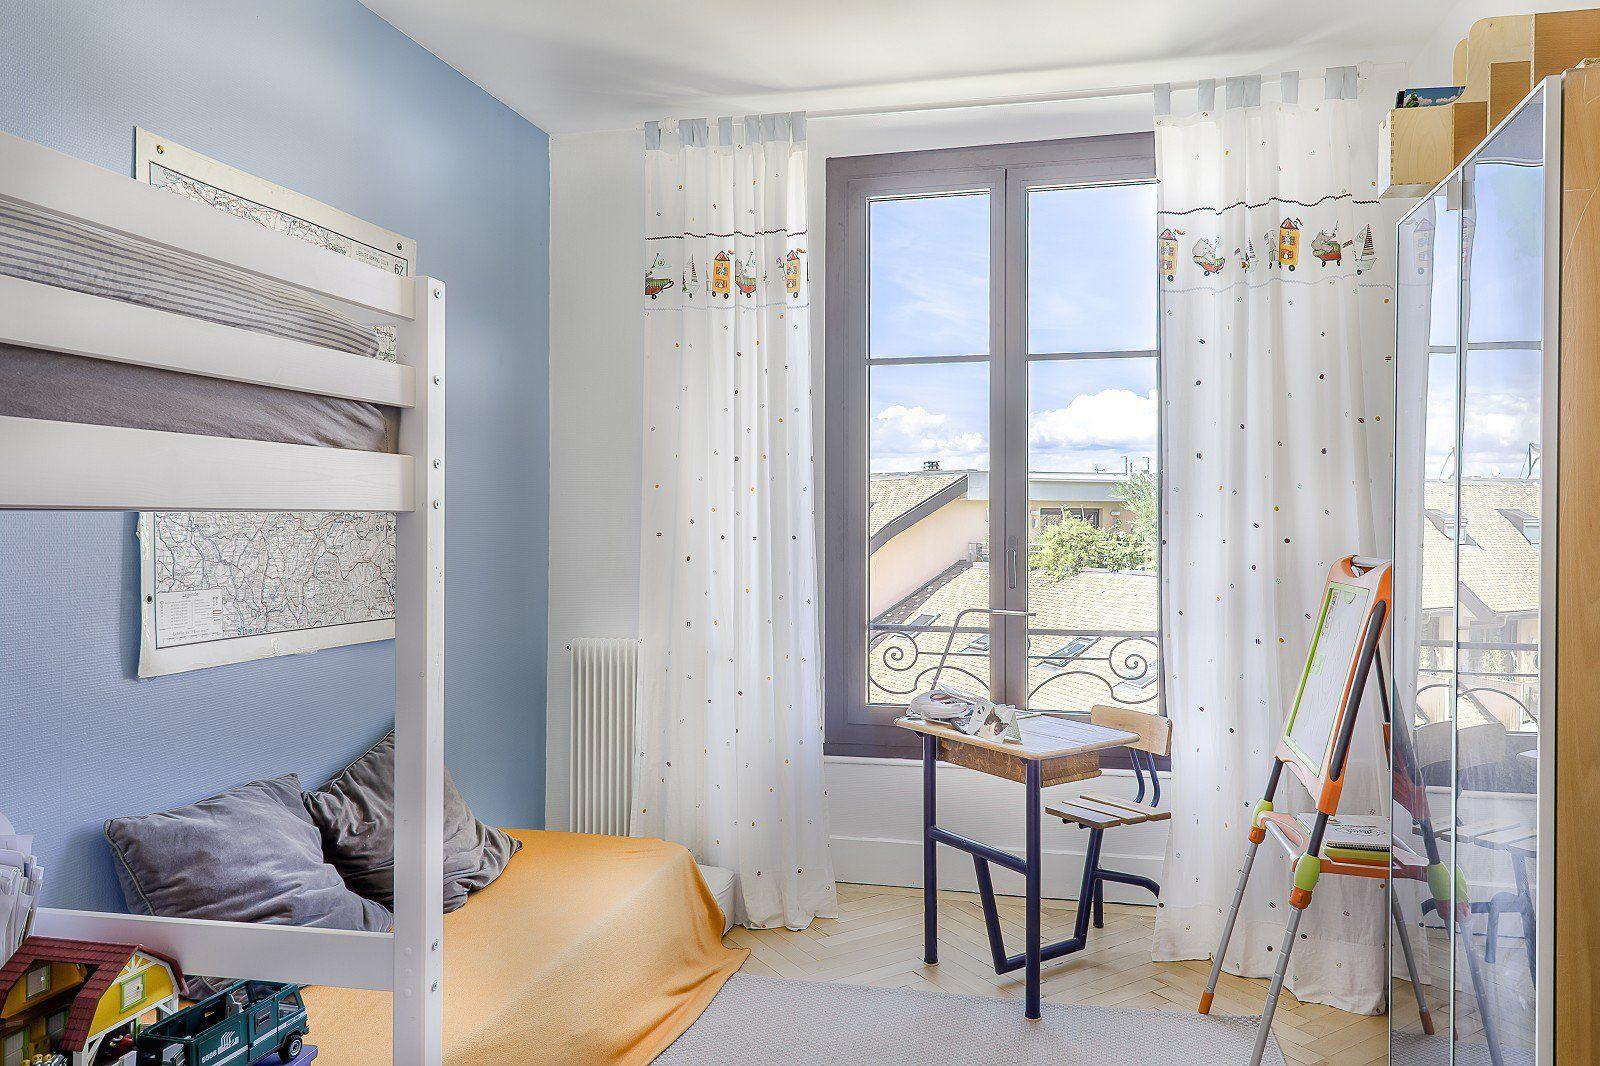 Exclusive -  Thonon - Apartment of 137 sq. m - 3 Bedrooms - Garage - Cellar